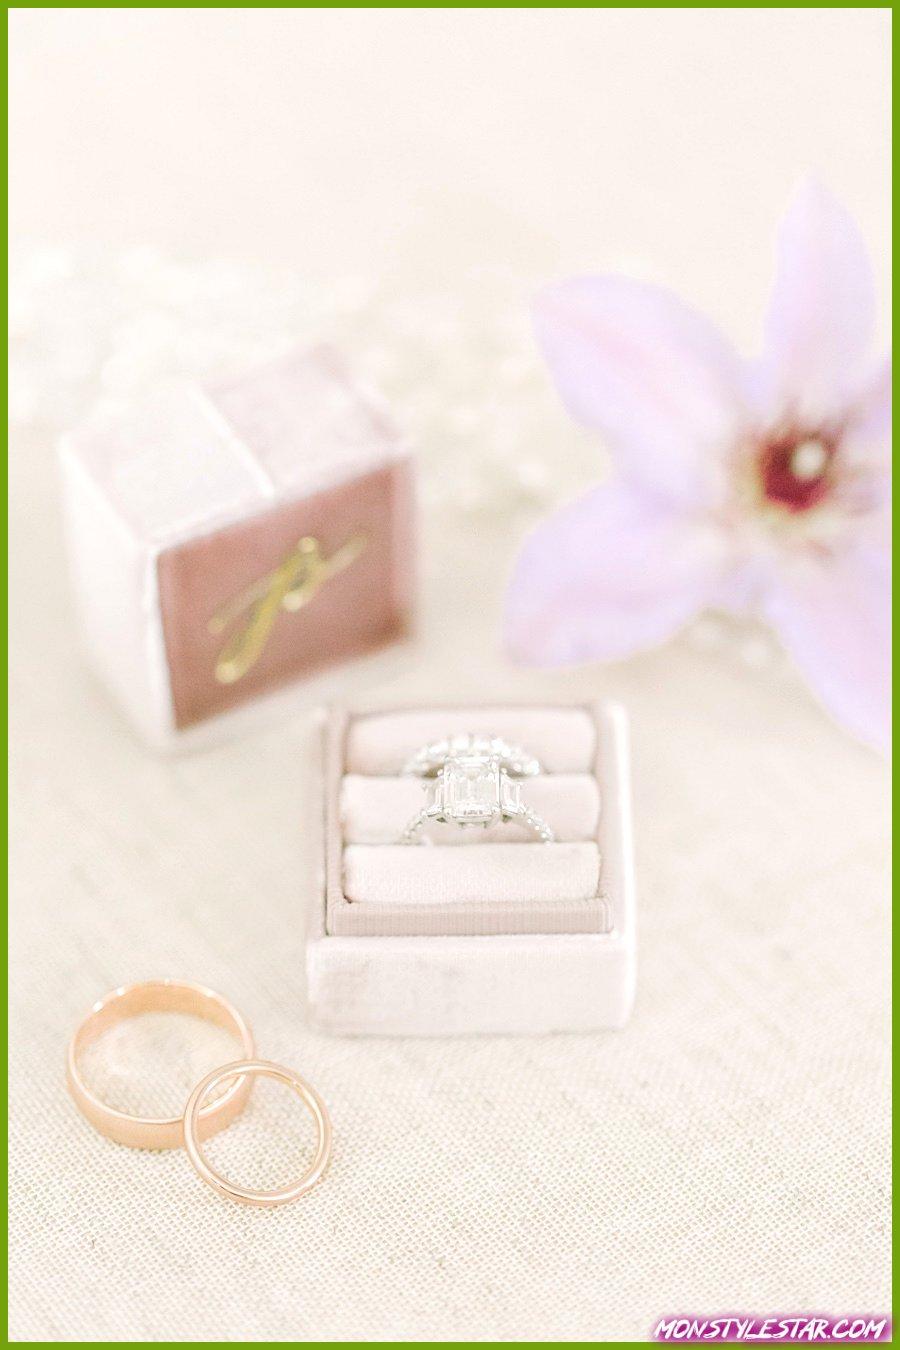 Mariage de printemps rose coloré rempli de fleurs des potographes Love & Light